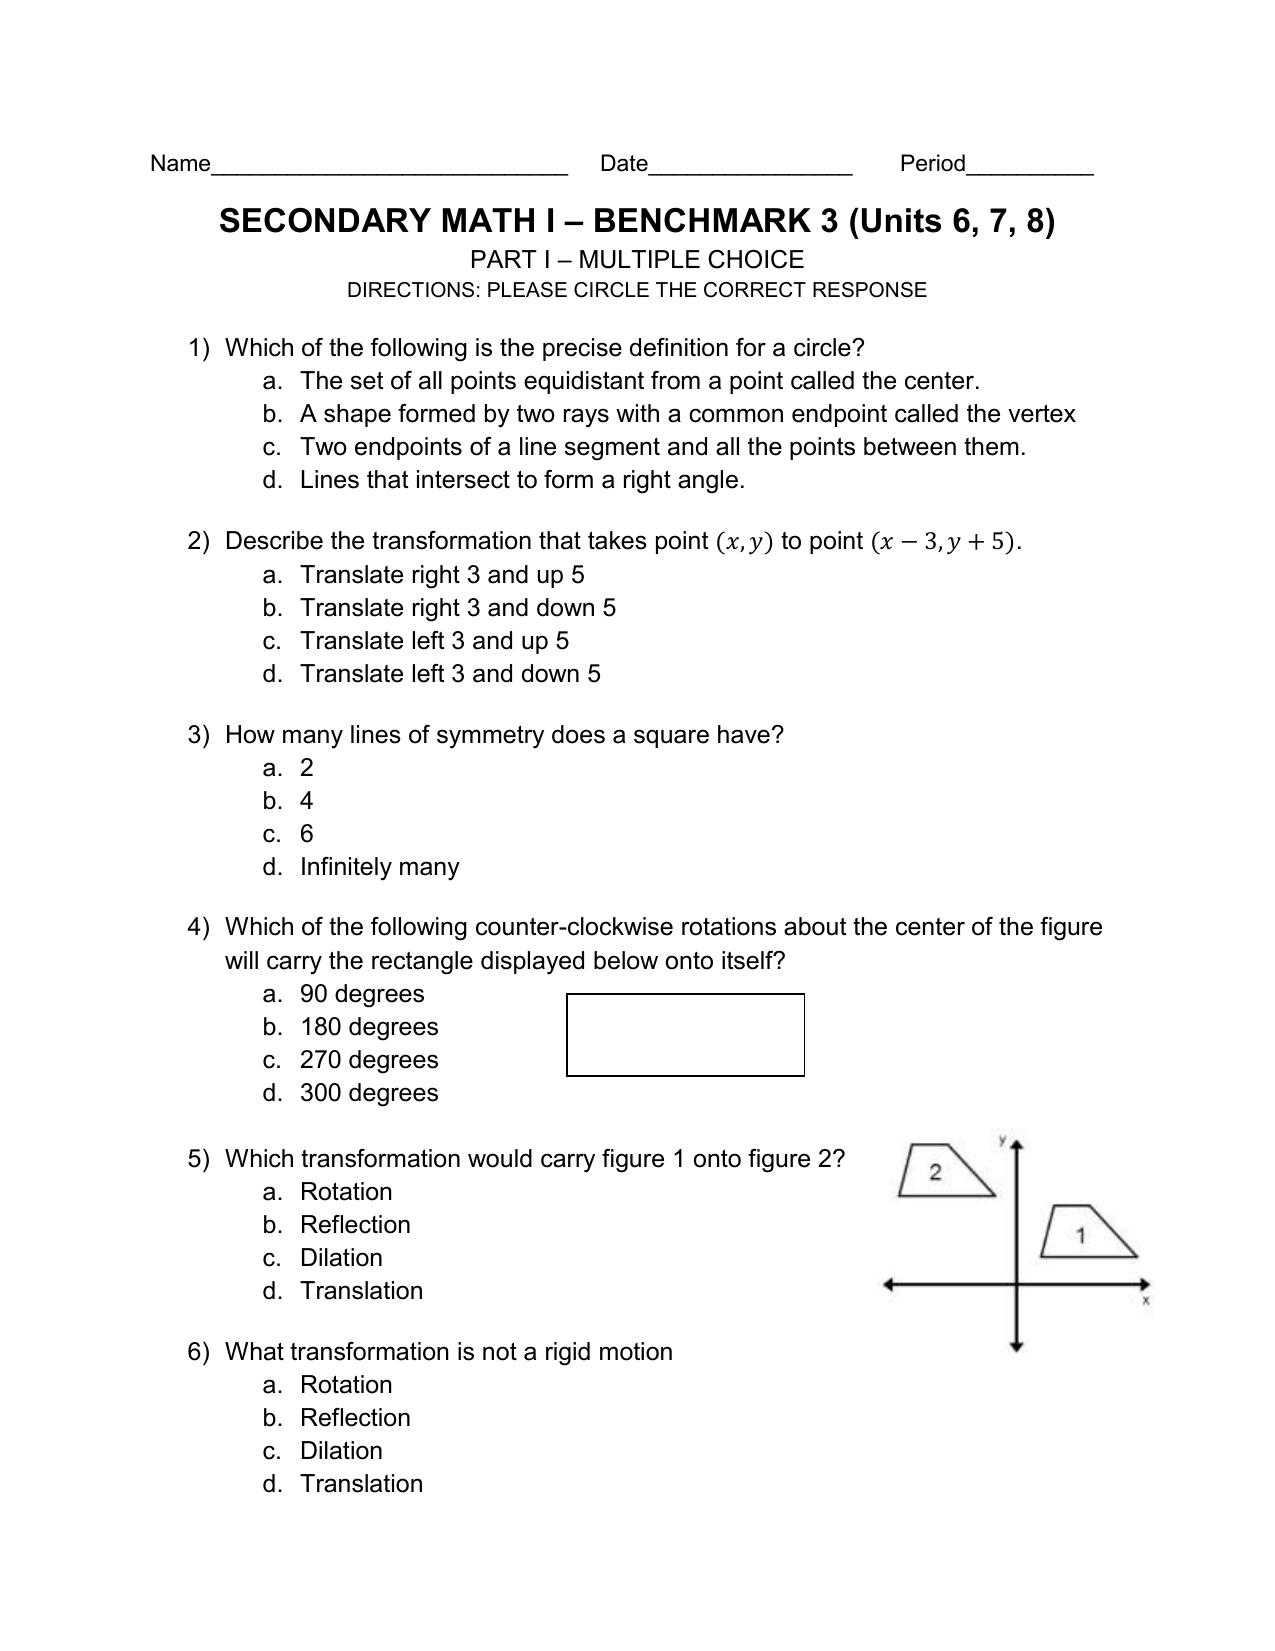 SECONDARY MATH I – BENCHMARK 3 (Units 6, 7, 8)